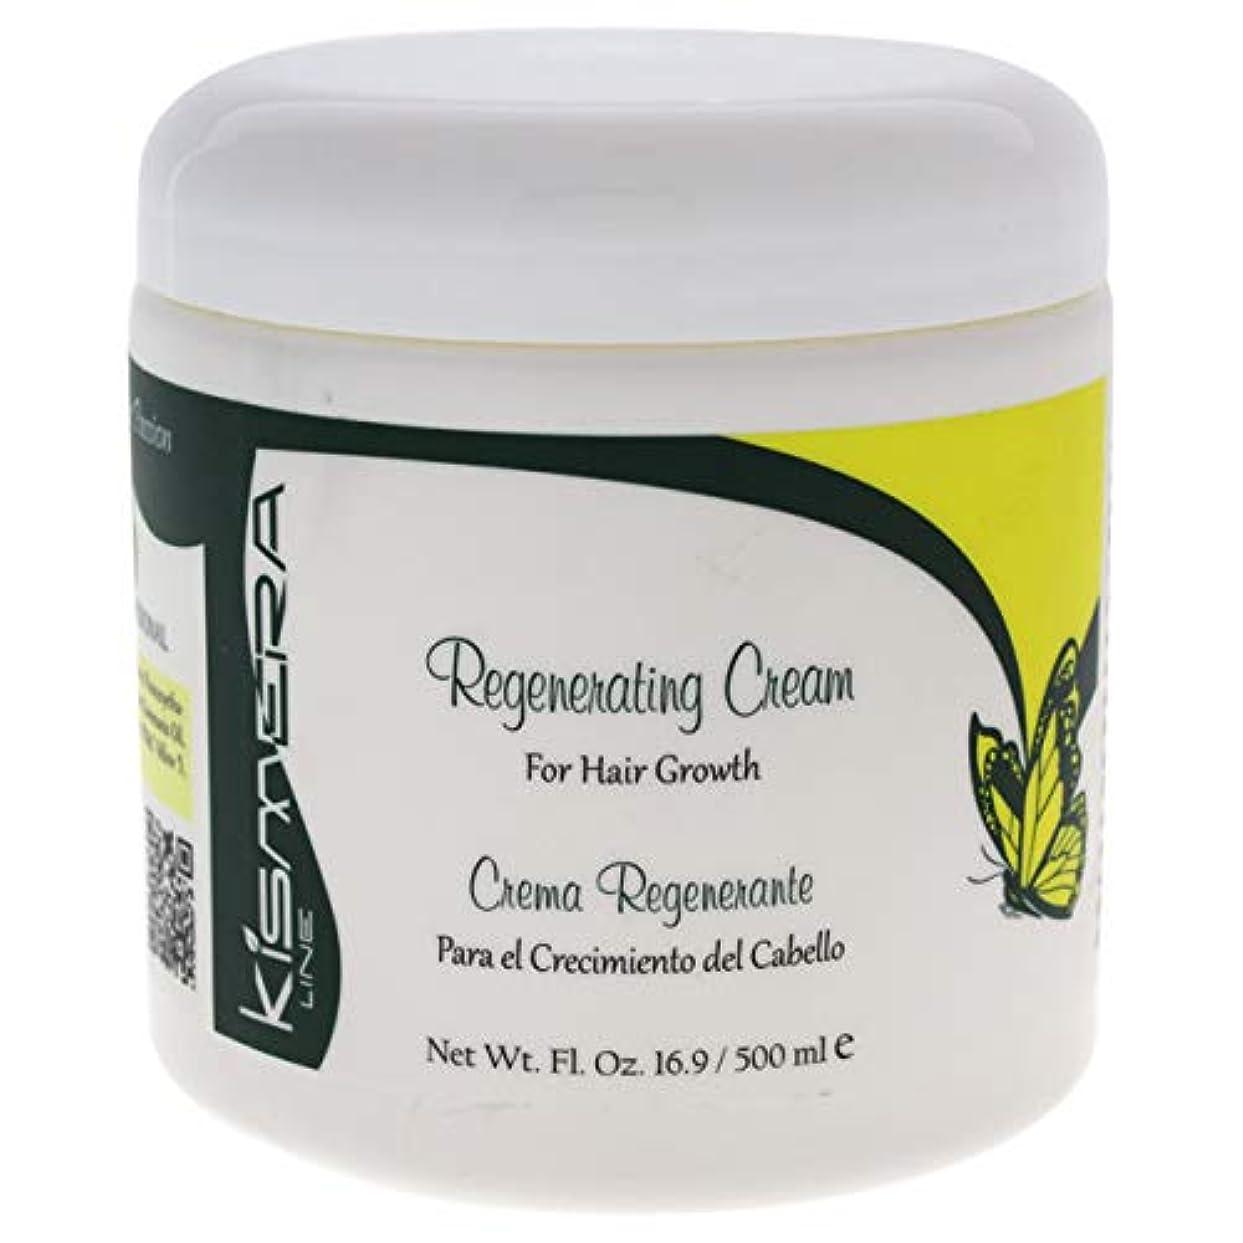 シガレット行列結果としてKismera Regenerating Cream for Hair Growth 16.9oz by KUZ